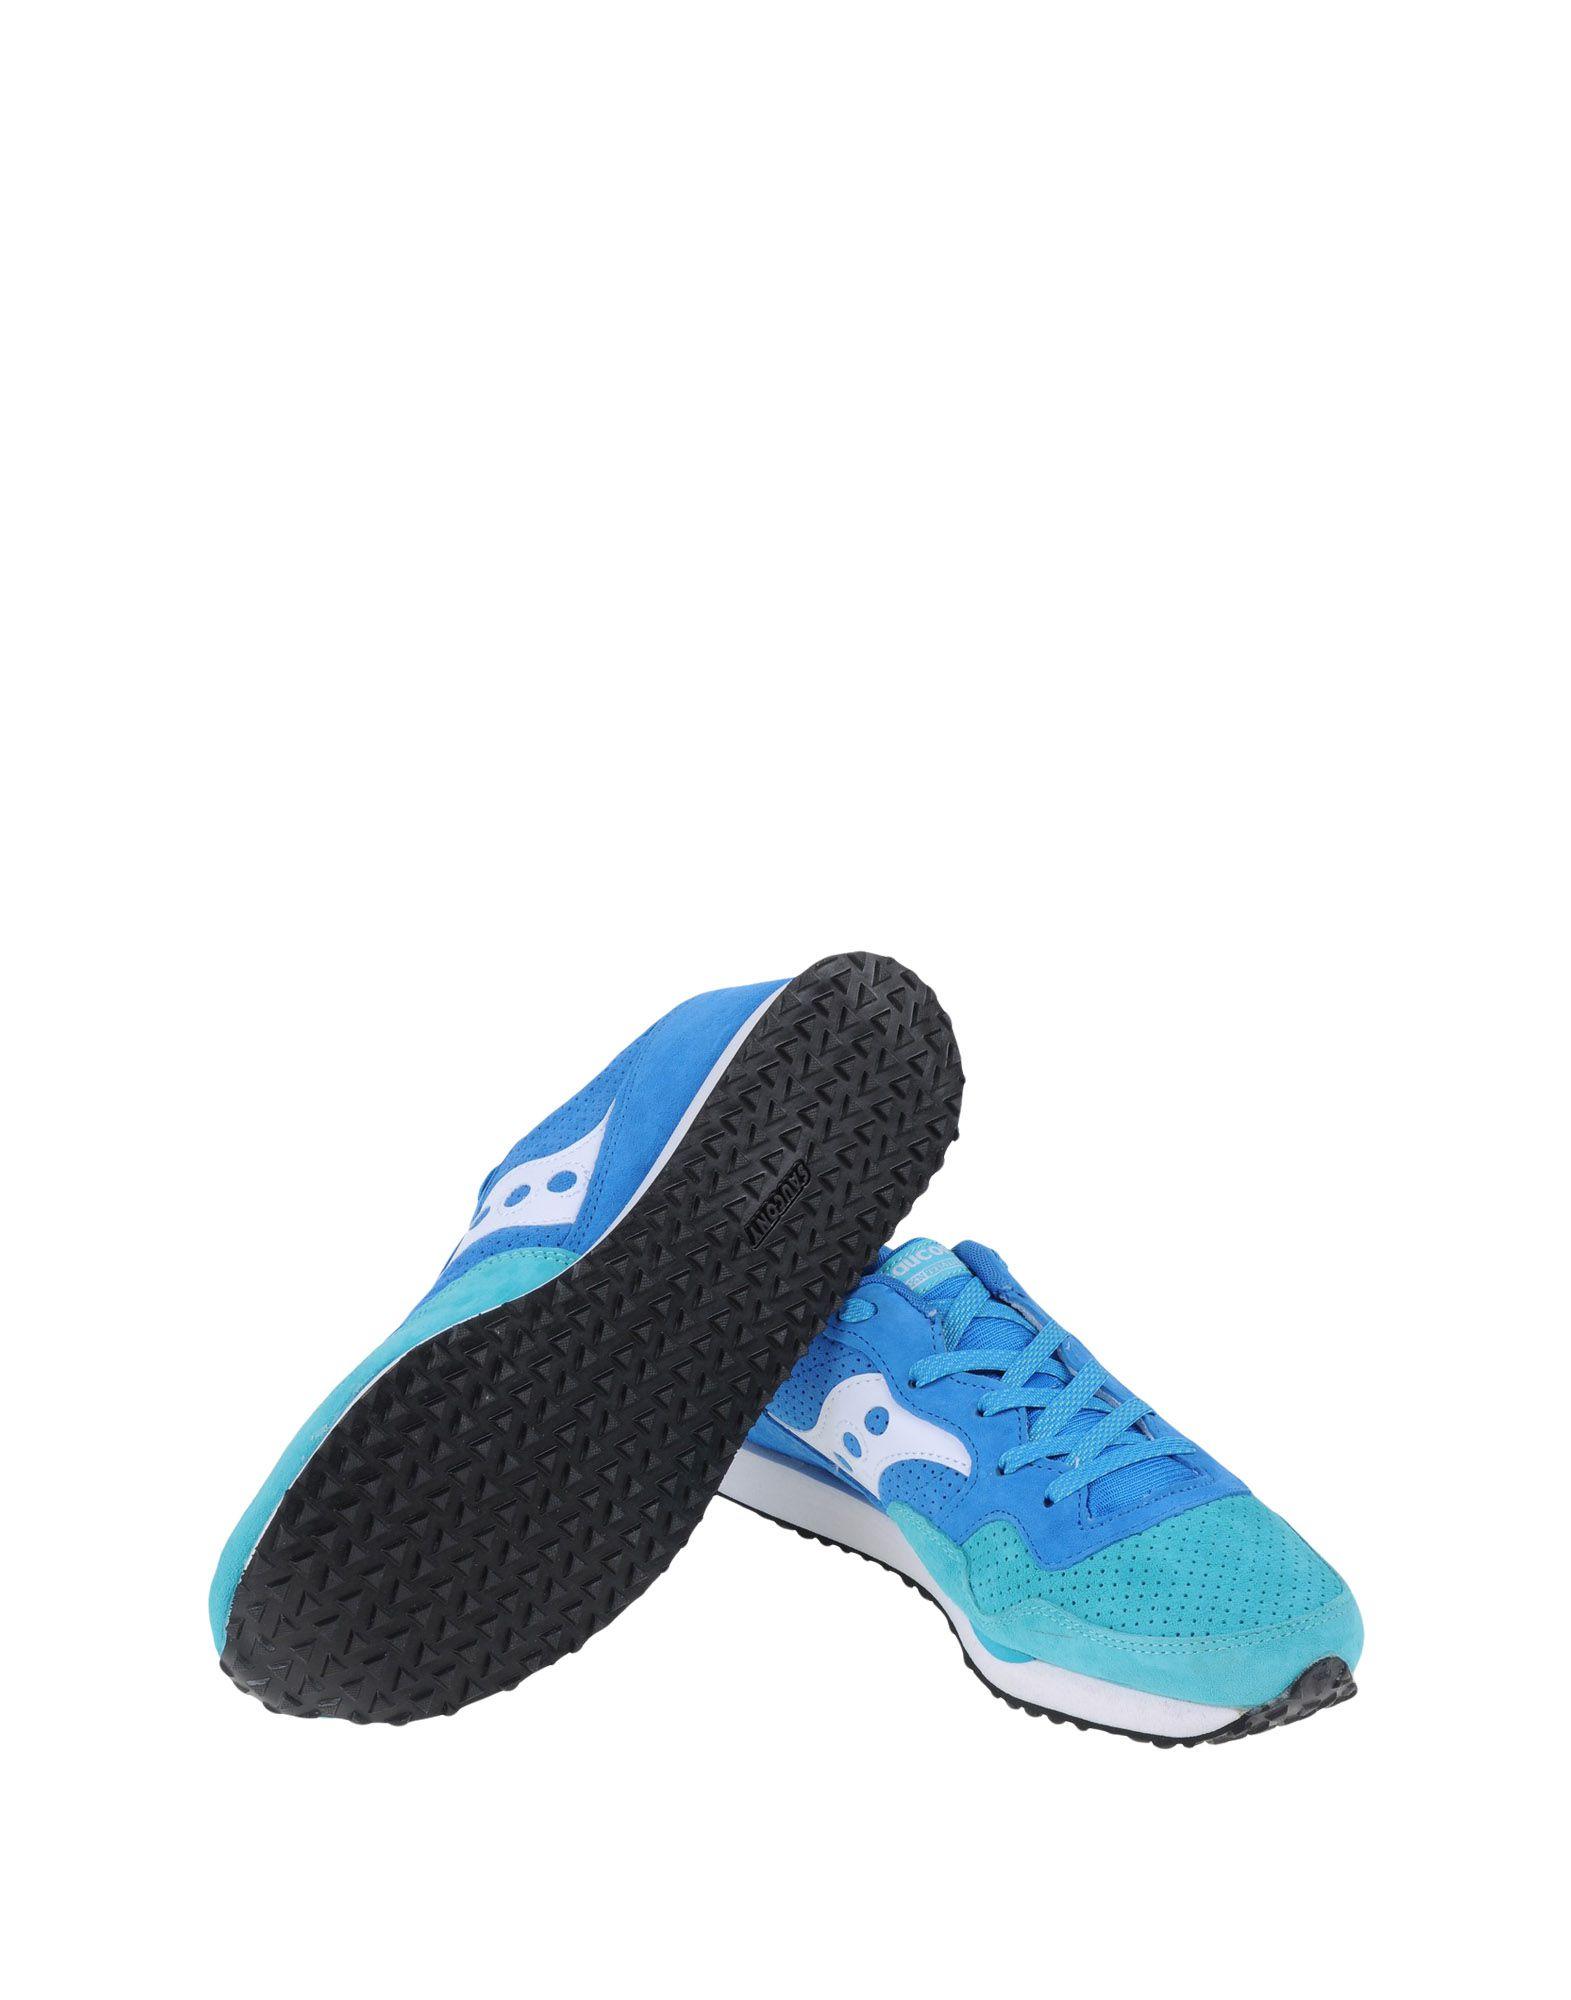 Rabatt echte Schuhe Saucony Dxn Triner